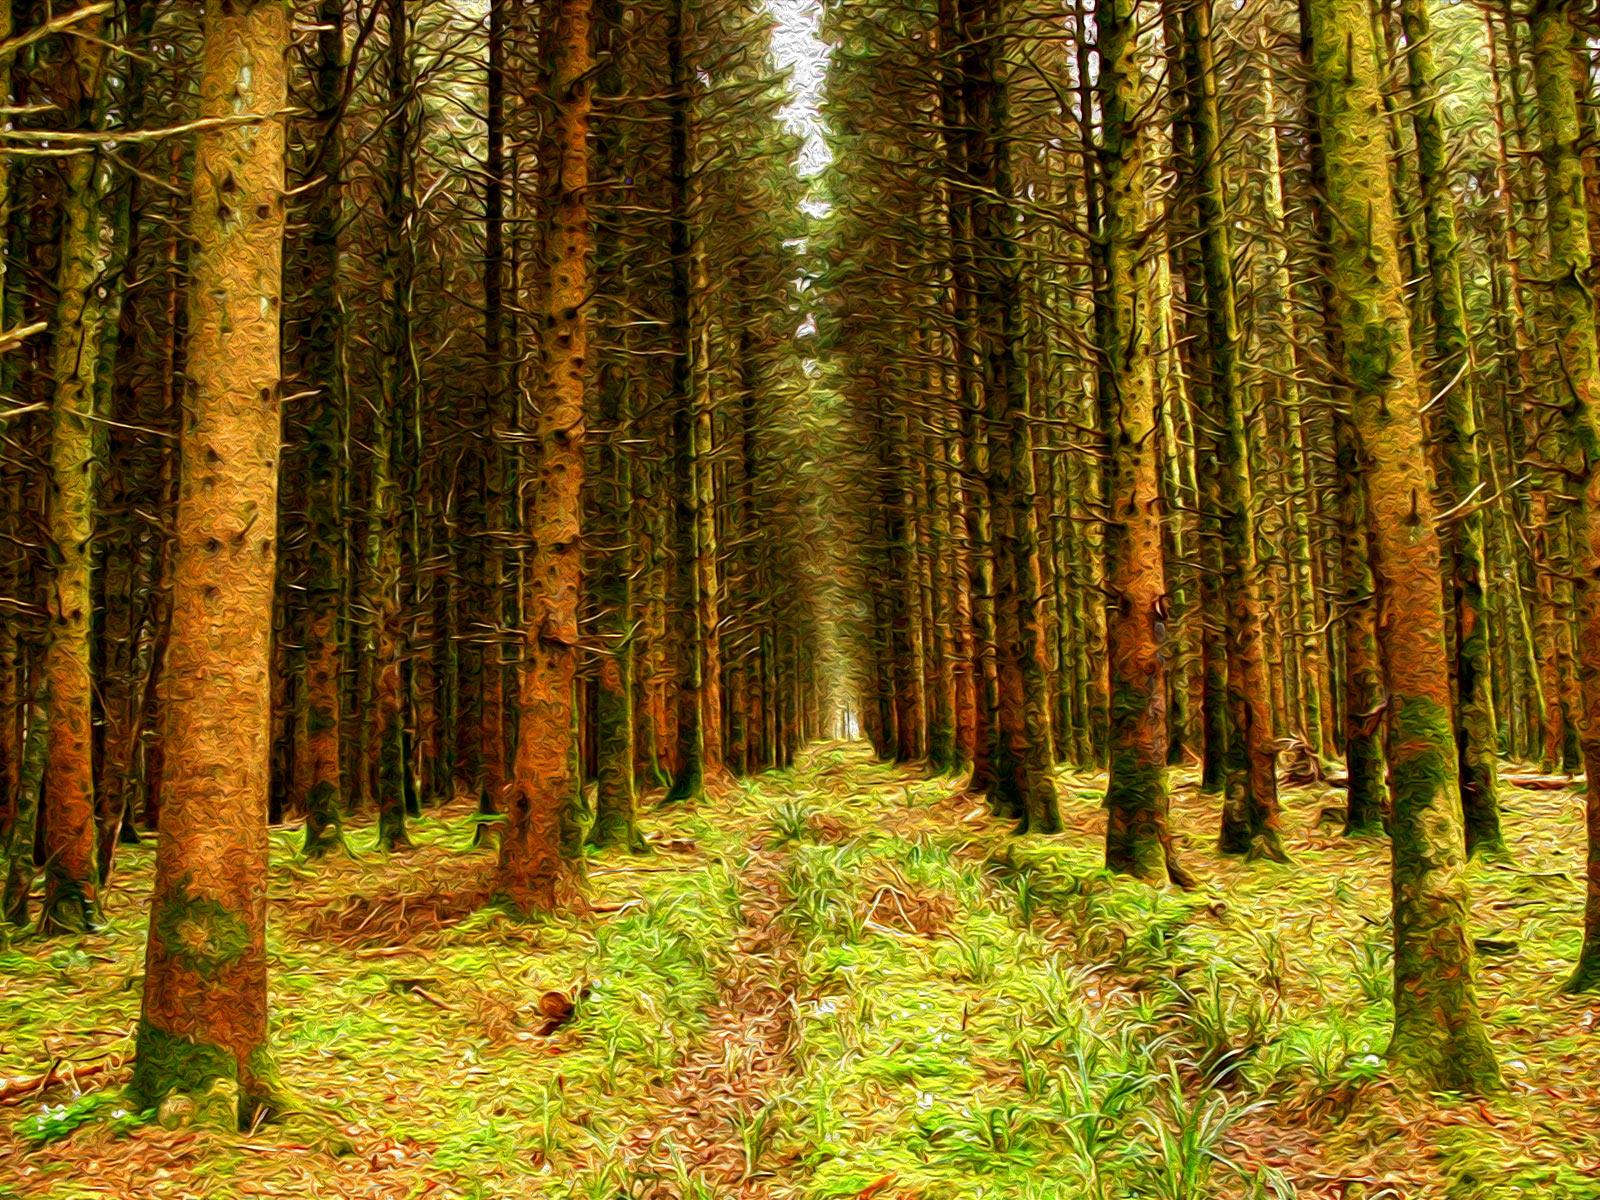 Ilustración gratis - Bosque de pinos en Irlanda